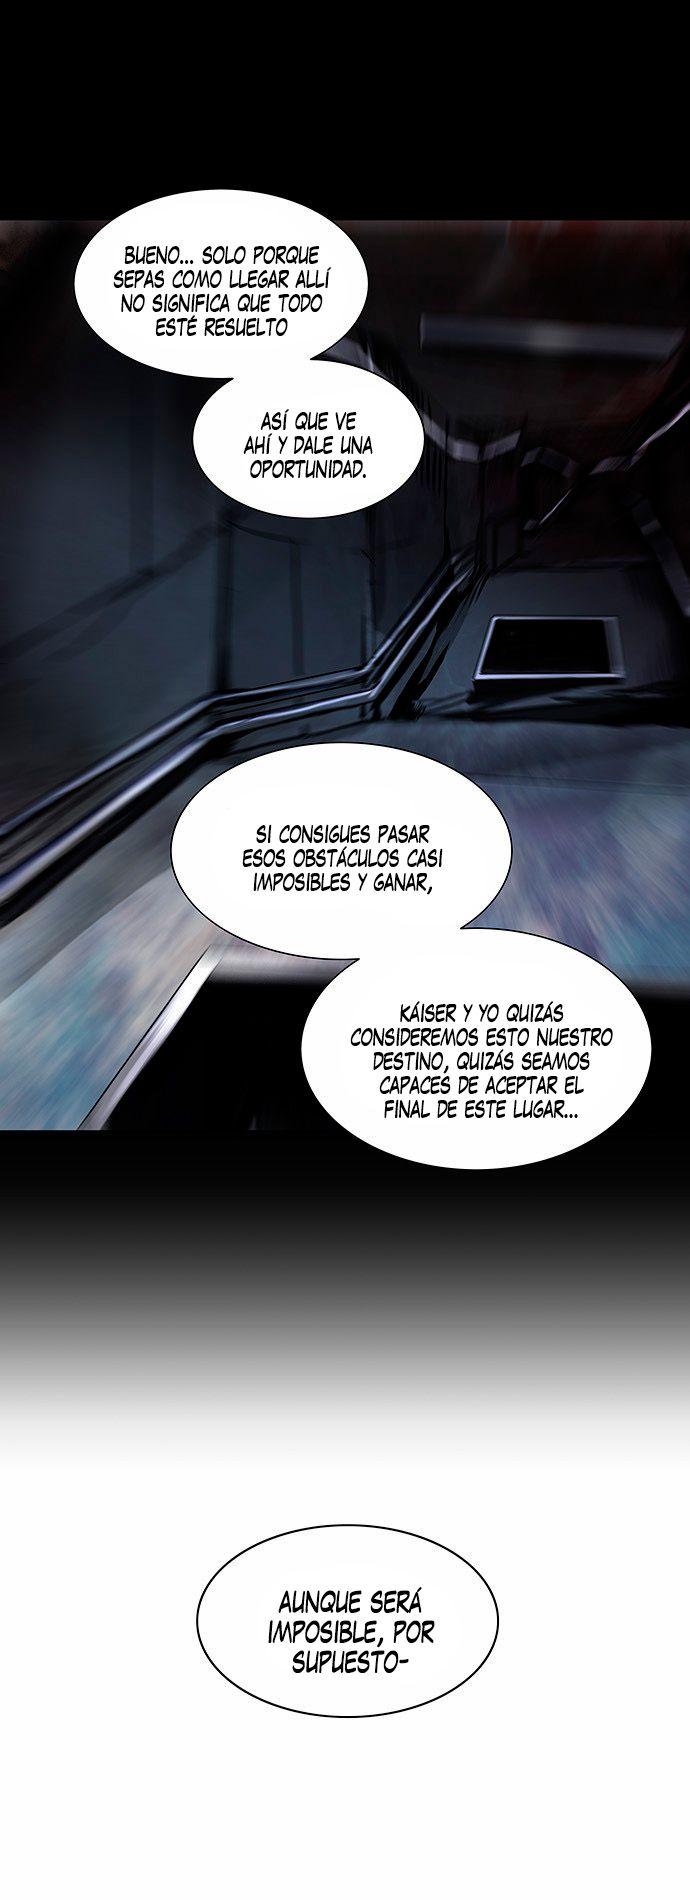 https://c5.ninemanga.com/es_manga/pic2/21/149/501713/511031975b91c93ec814aba3e405a6a3.jpg Page 22